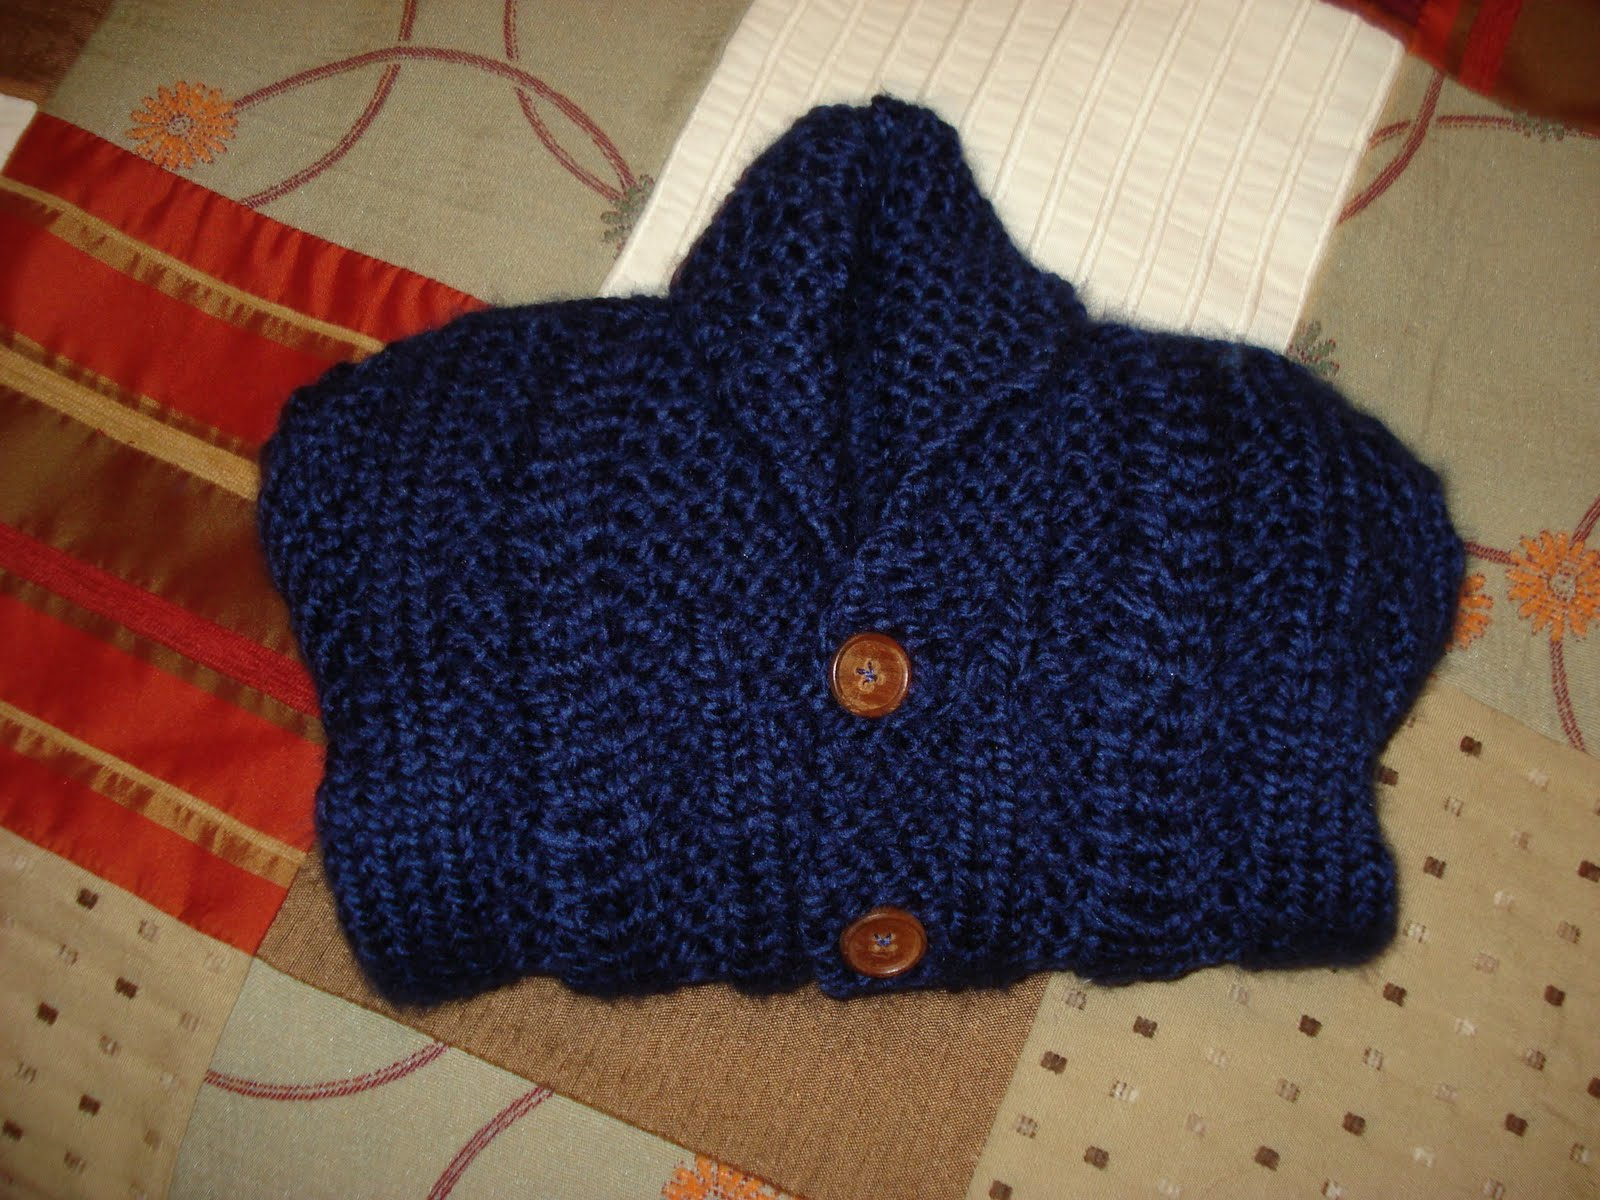 Sacos tejidos a mano para niños - Imagui